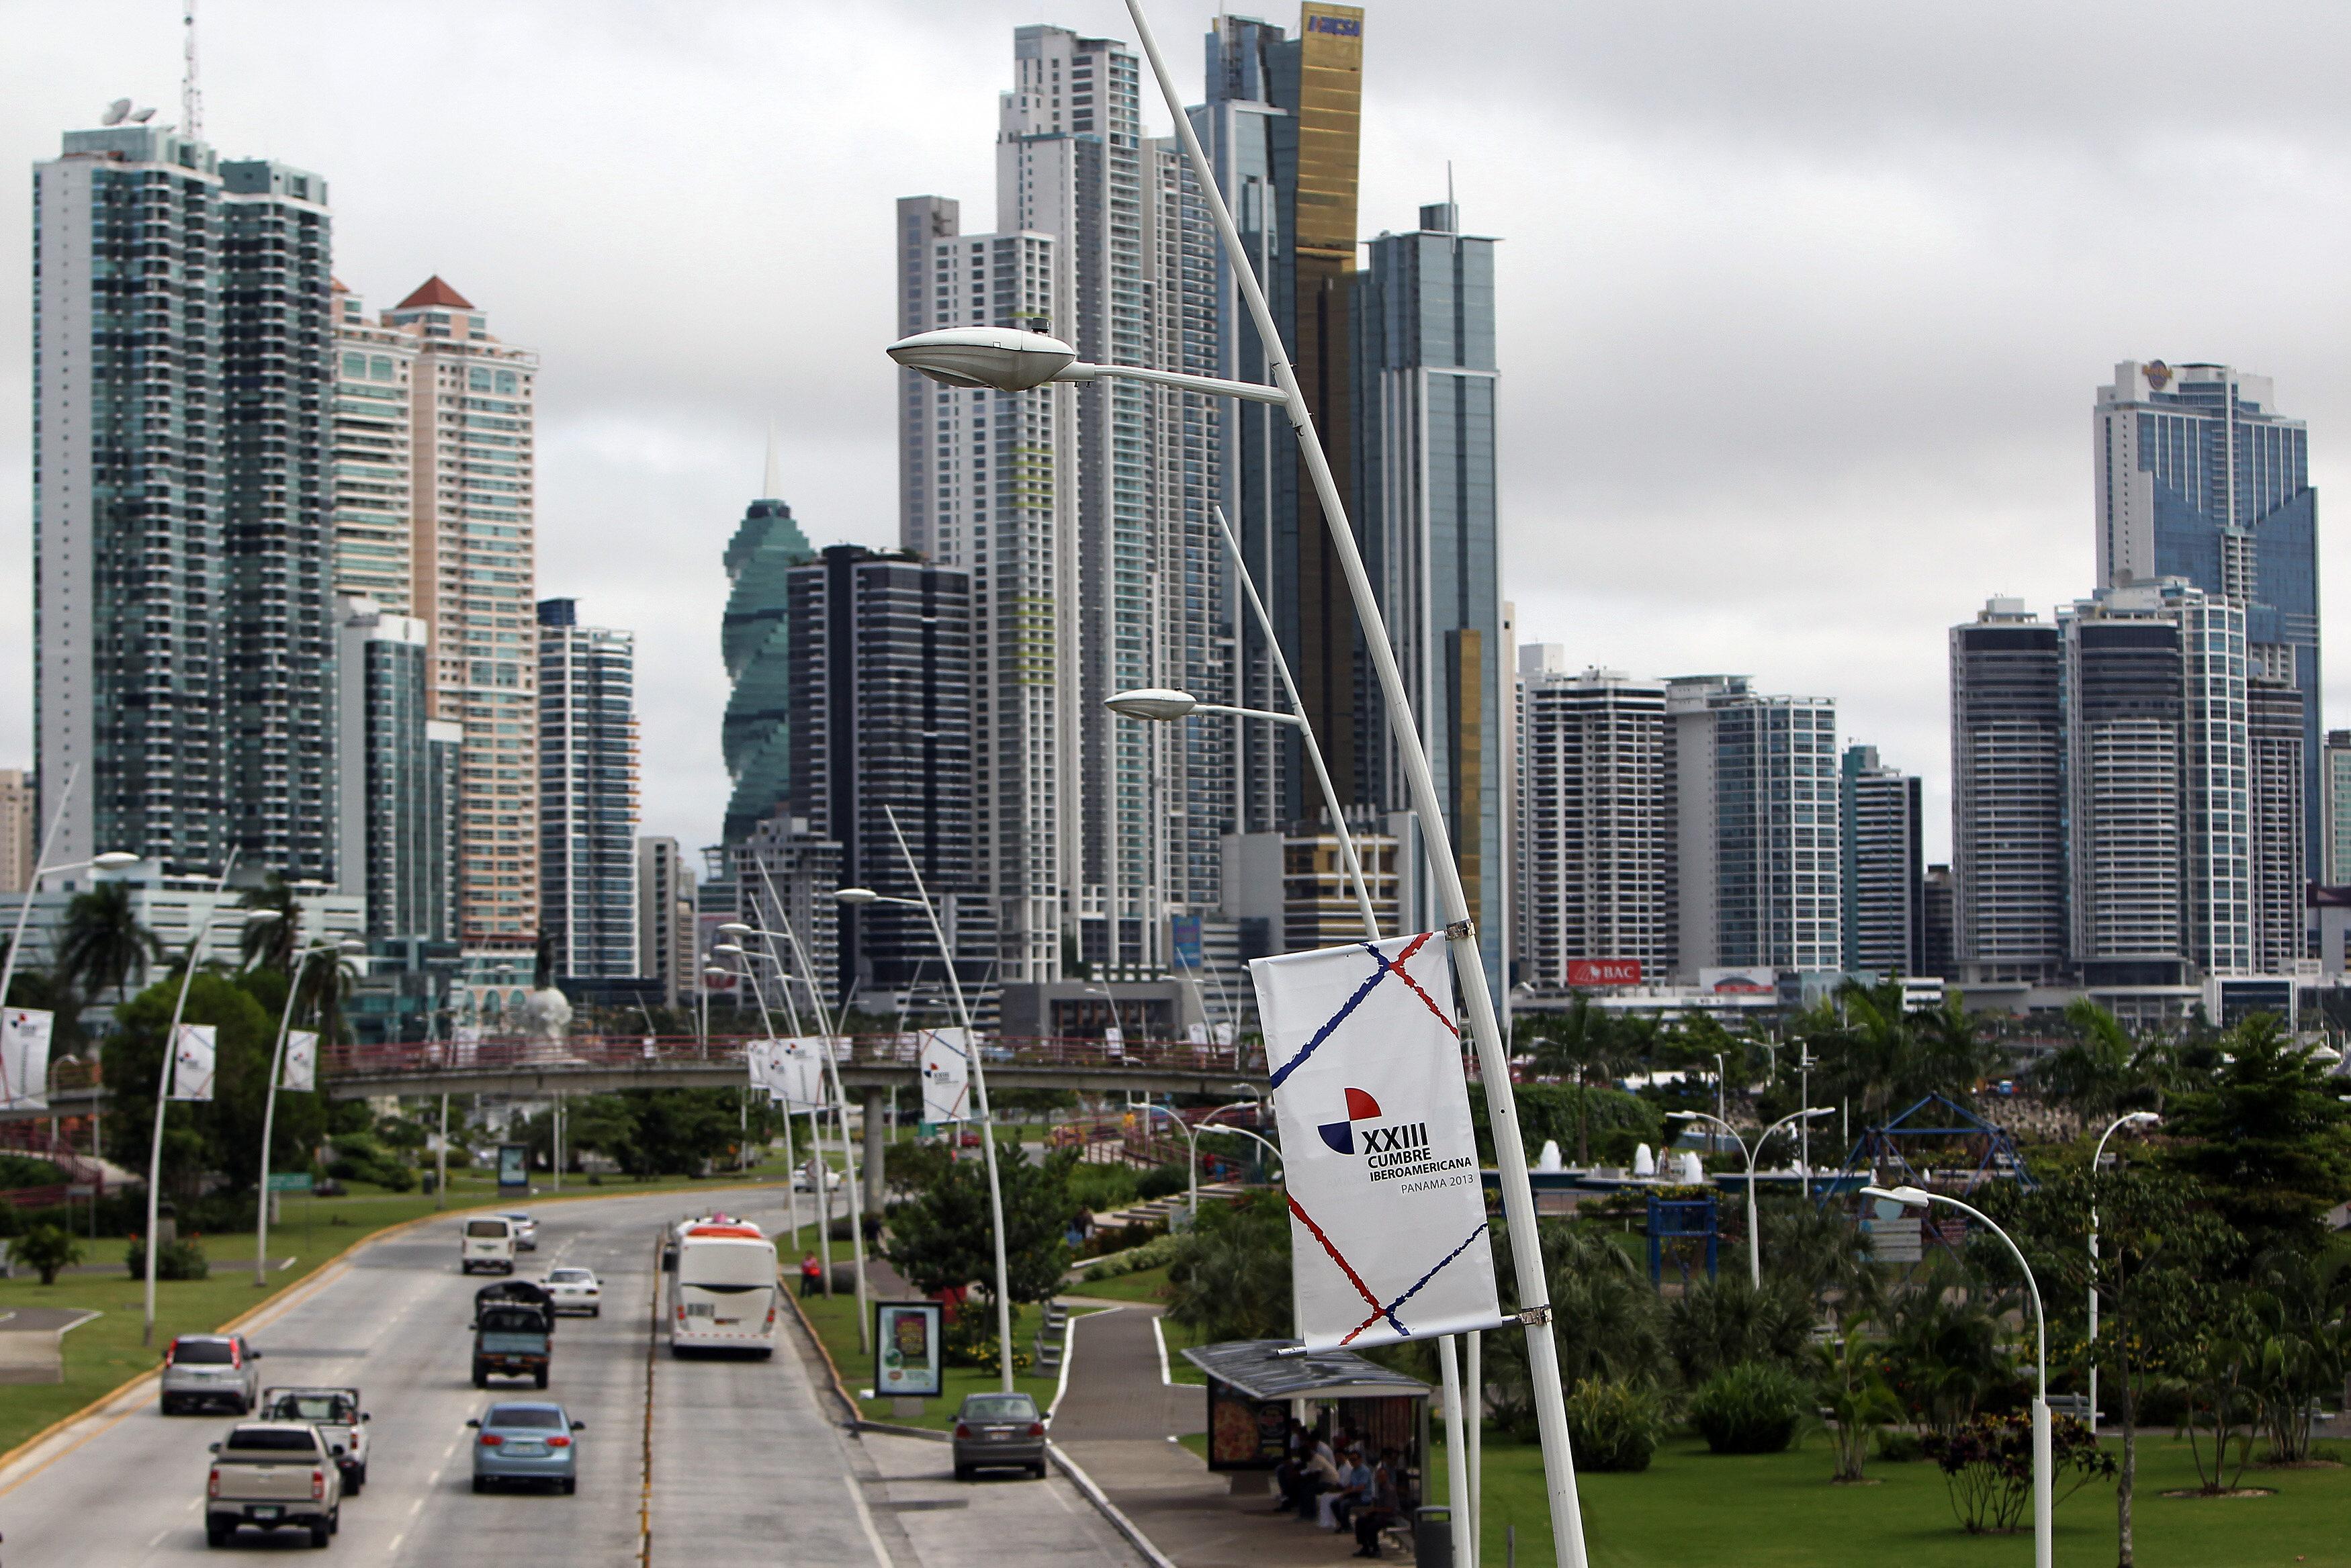 La comunidad iberoamericana se reúne en Panamá para transformar sus cumbres